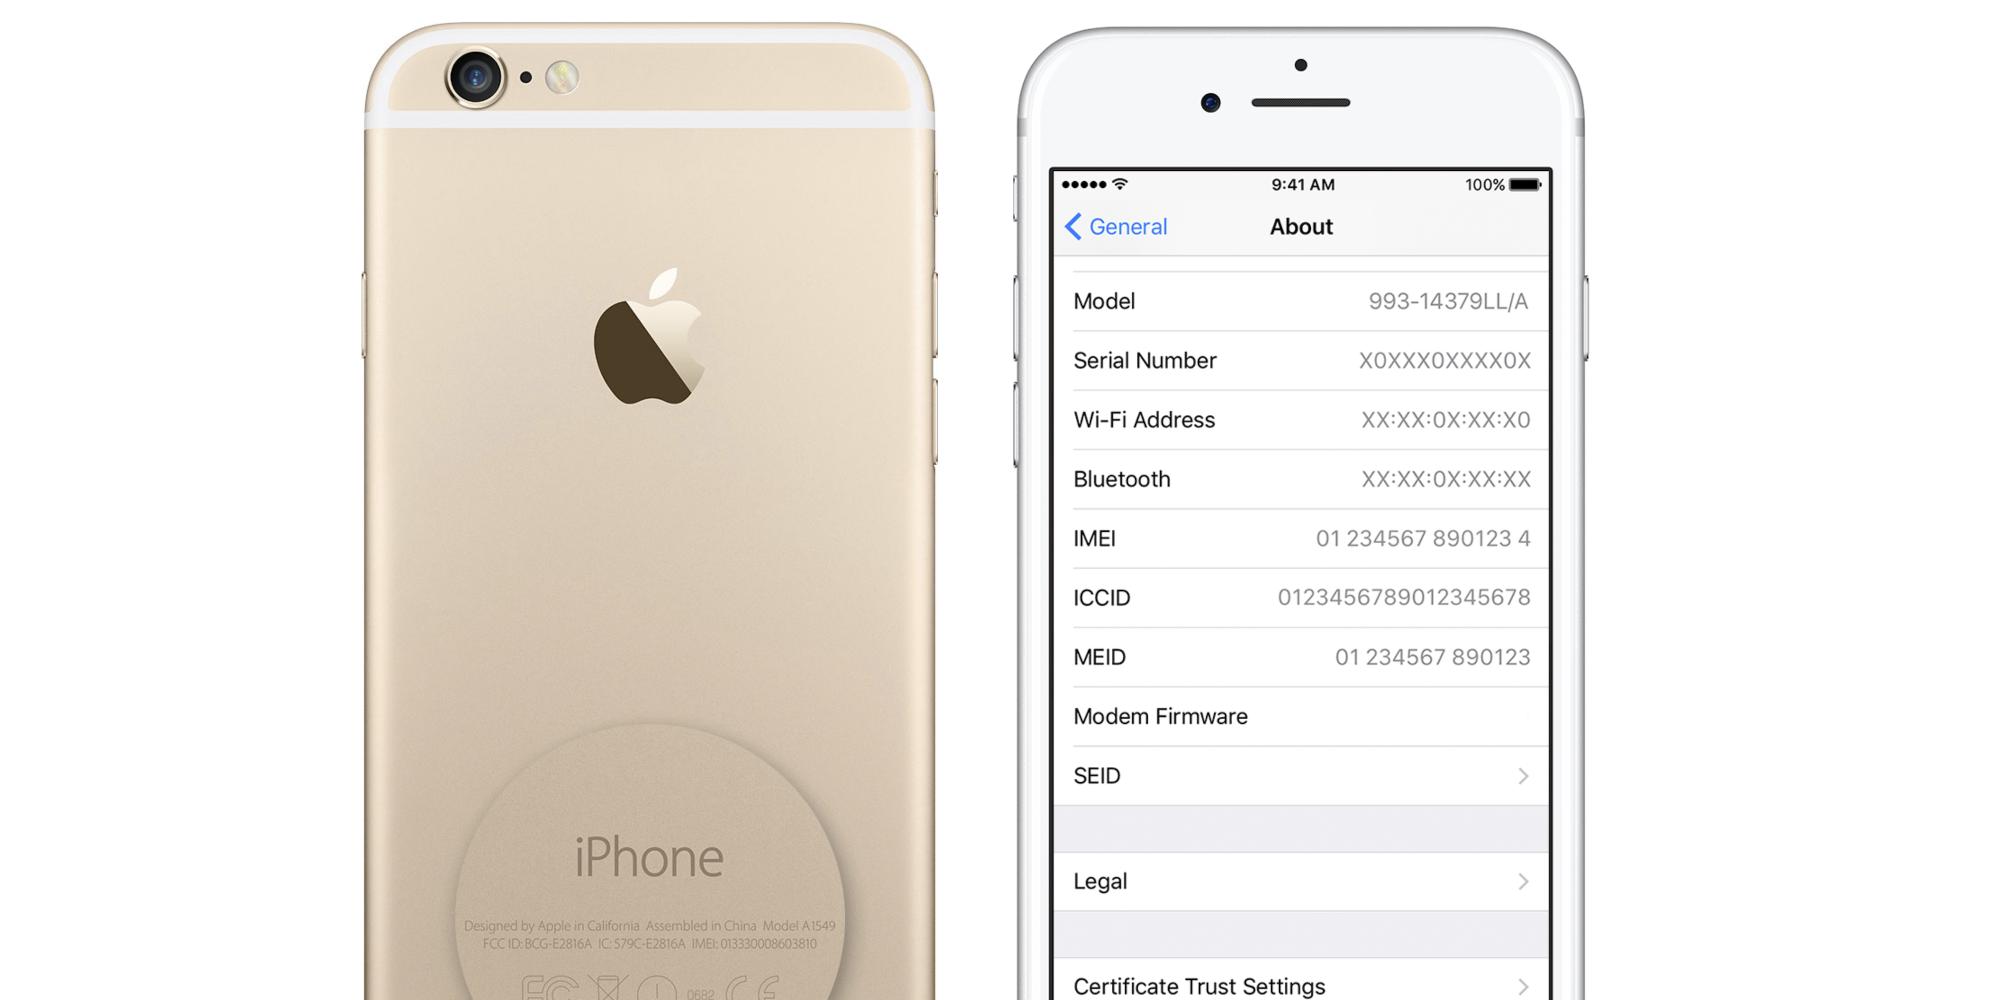 Ecco come verificare su un iPhone è Bloccato o Rubato, prima di acquistarlo usato